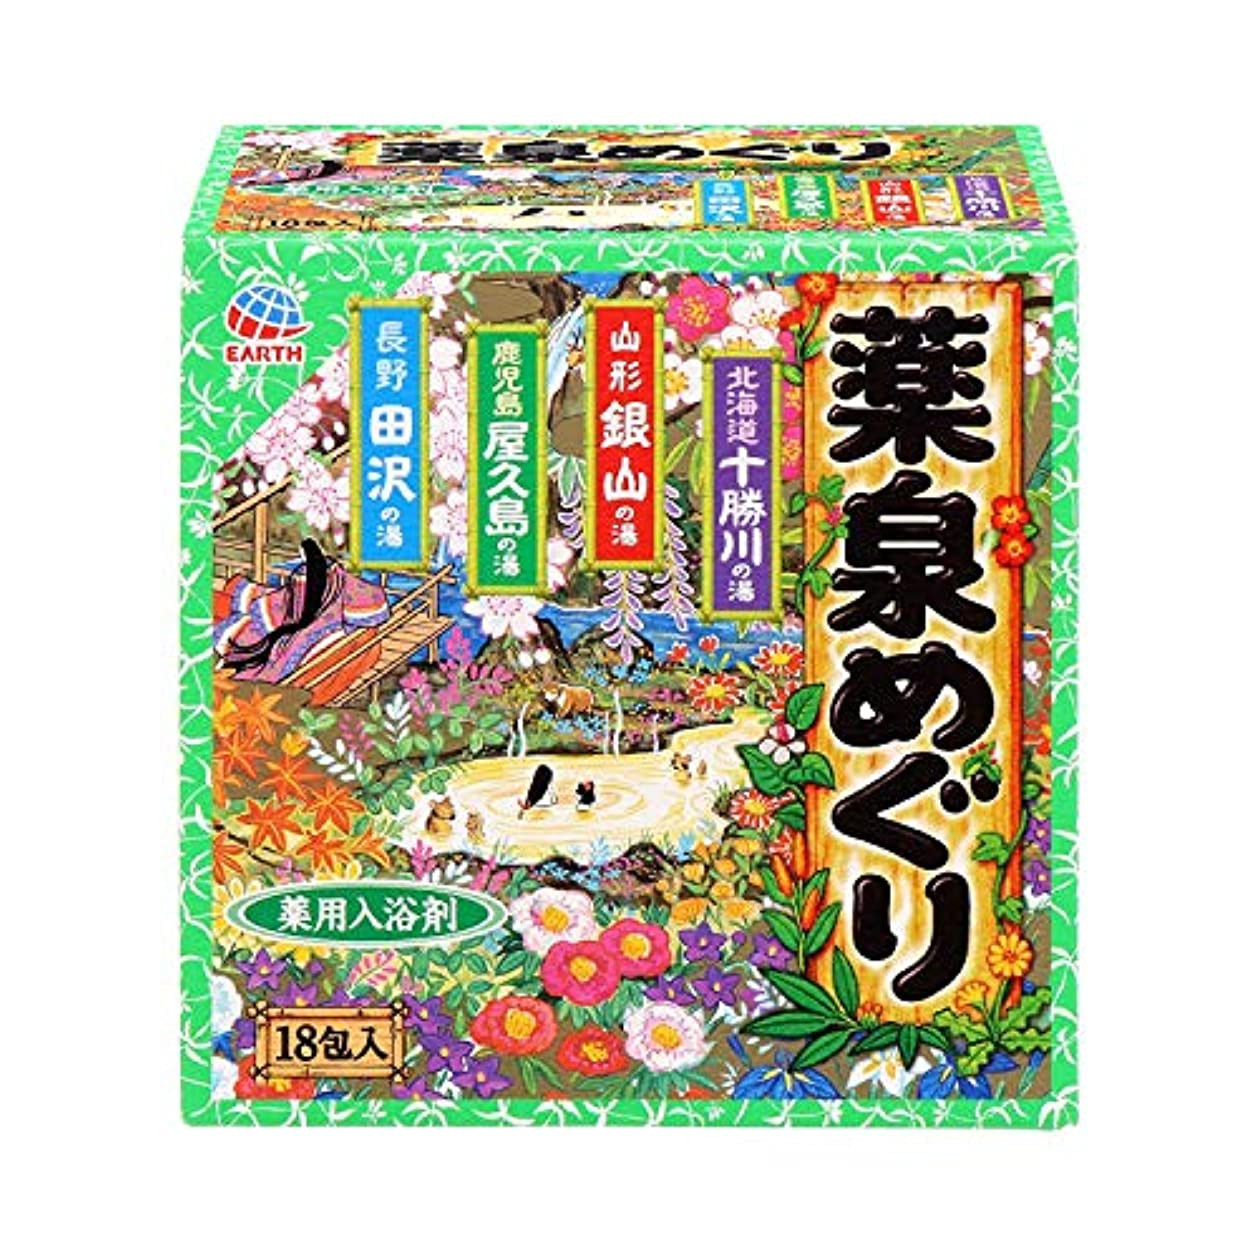 メディック賢いお【アース製薬】薬泉めぐり 540g(30g*18包) ×10個セット